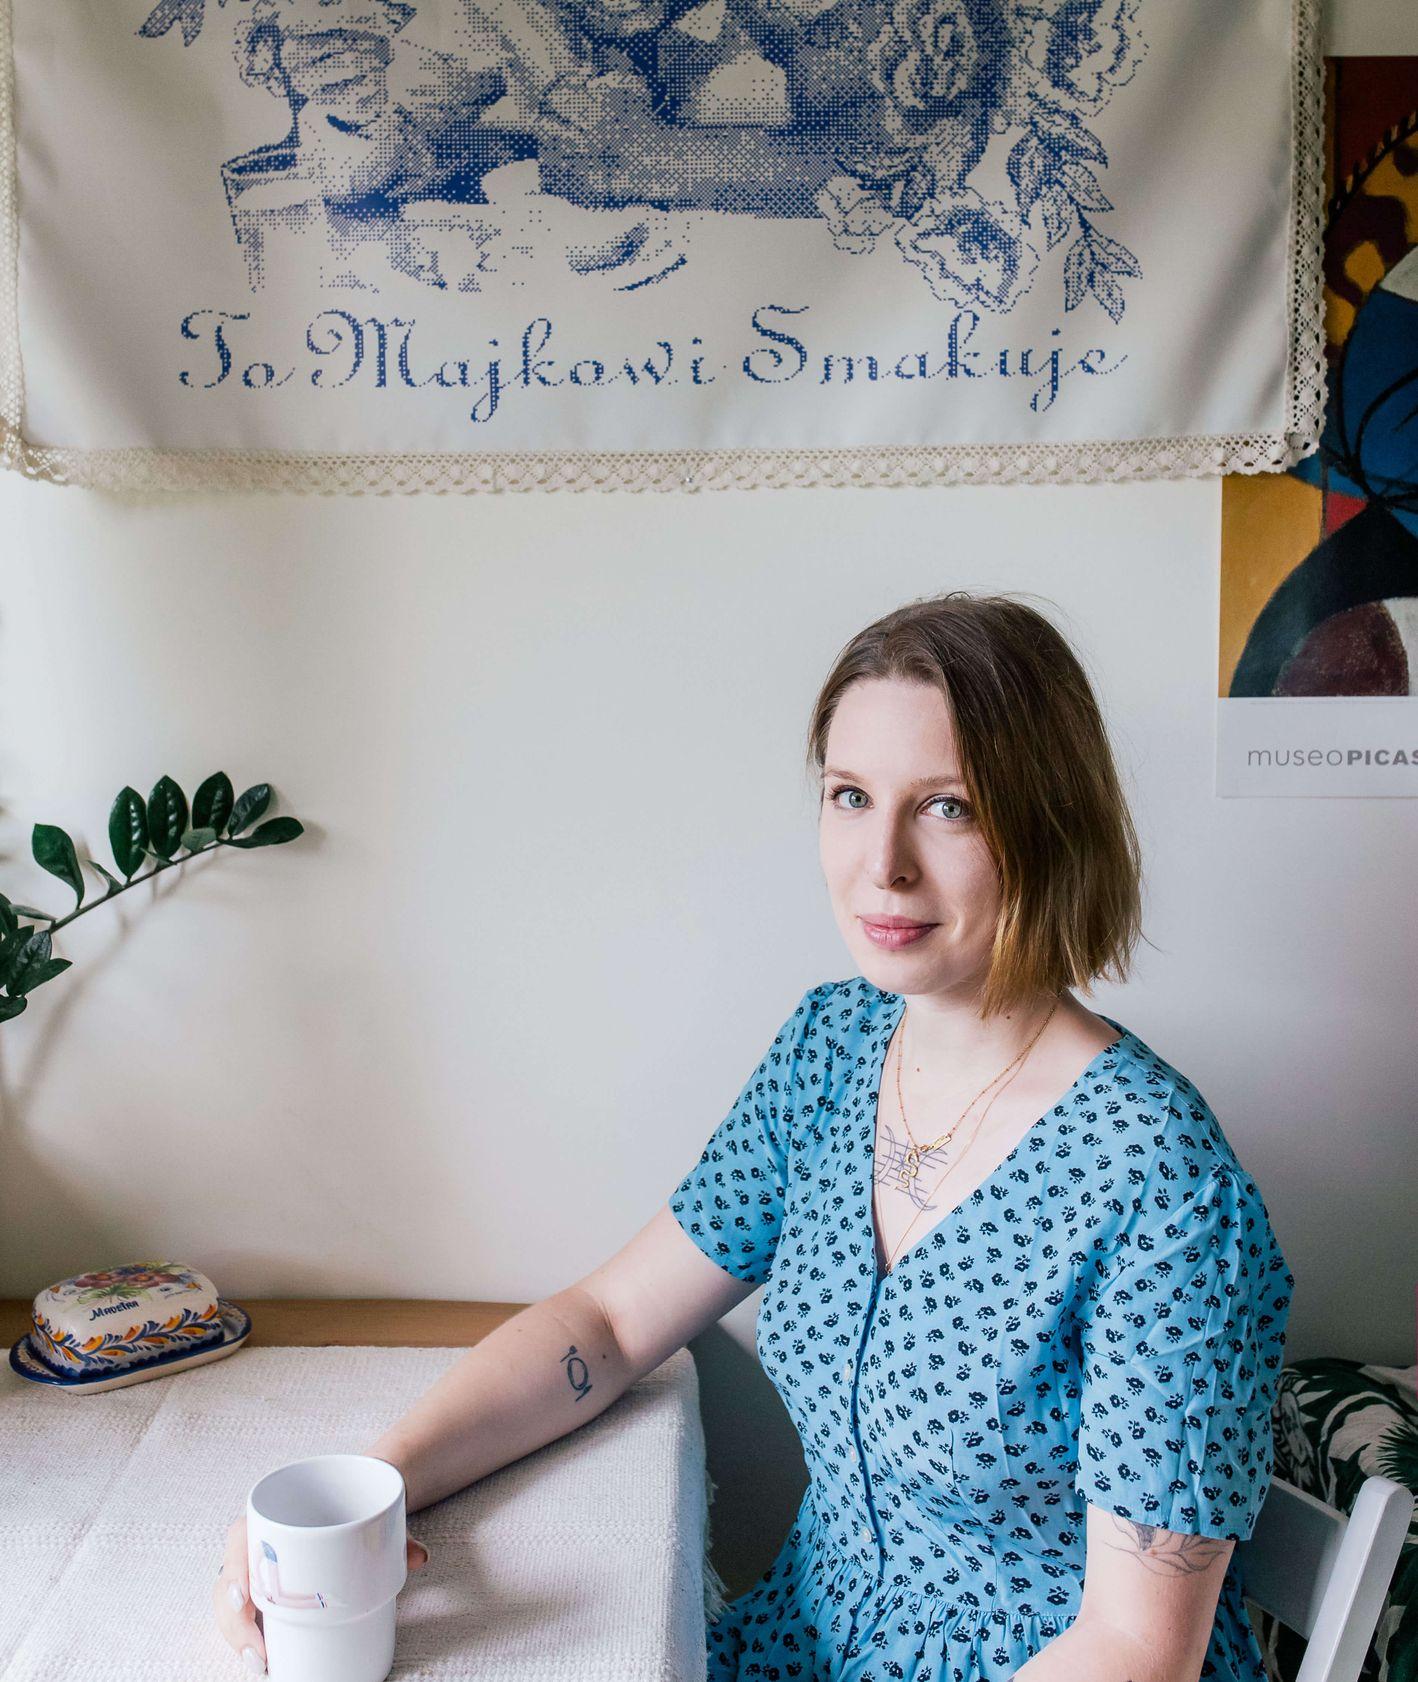 Portret Agaty Dembek-Dziwosz w jej domowej kuchni, przy kuchennym stole. (fot. Michał Lichtański)